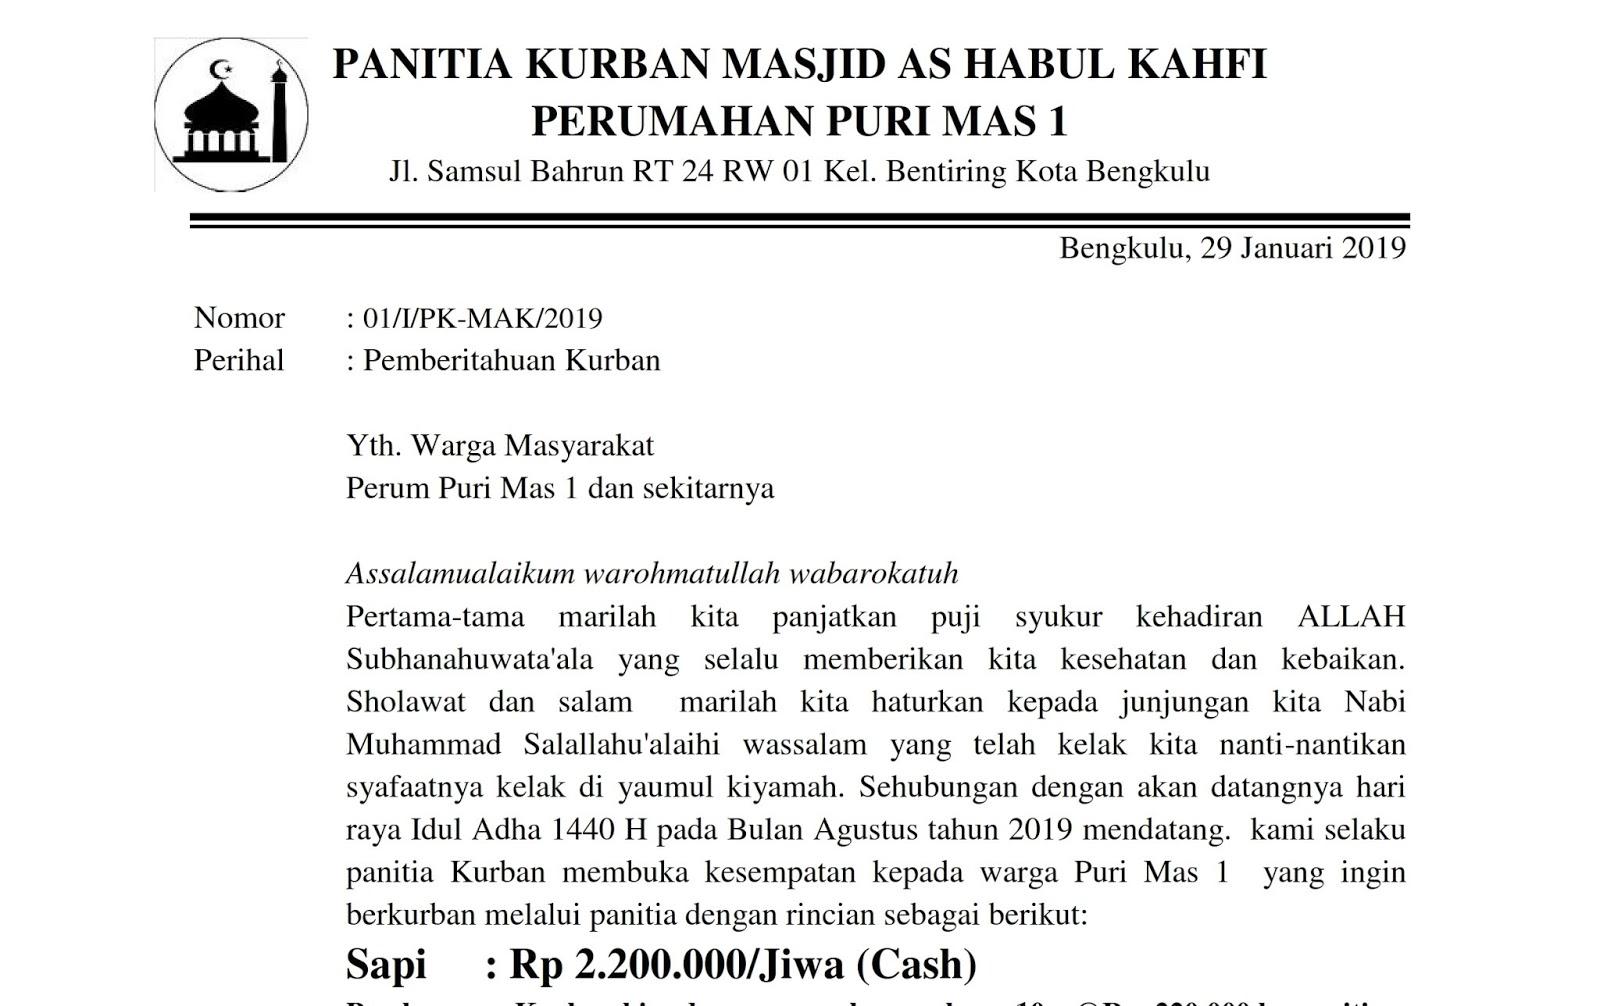 Contoh Surat Pemberitahuan Kurban Masjid Petualang